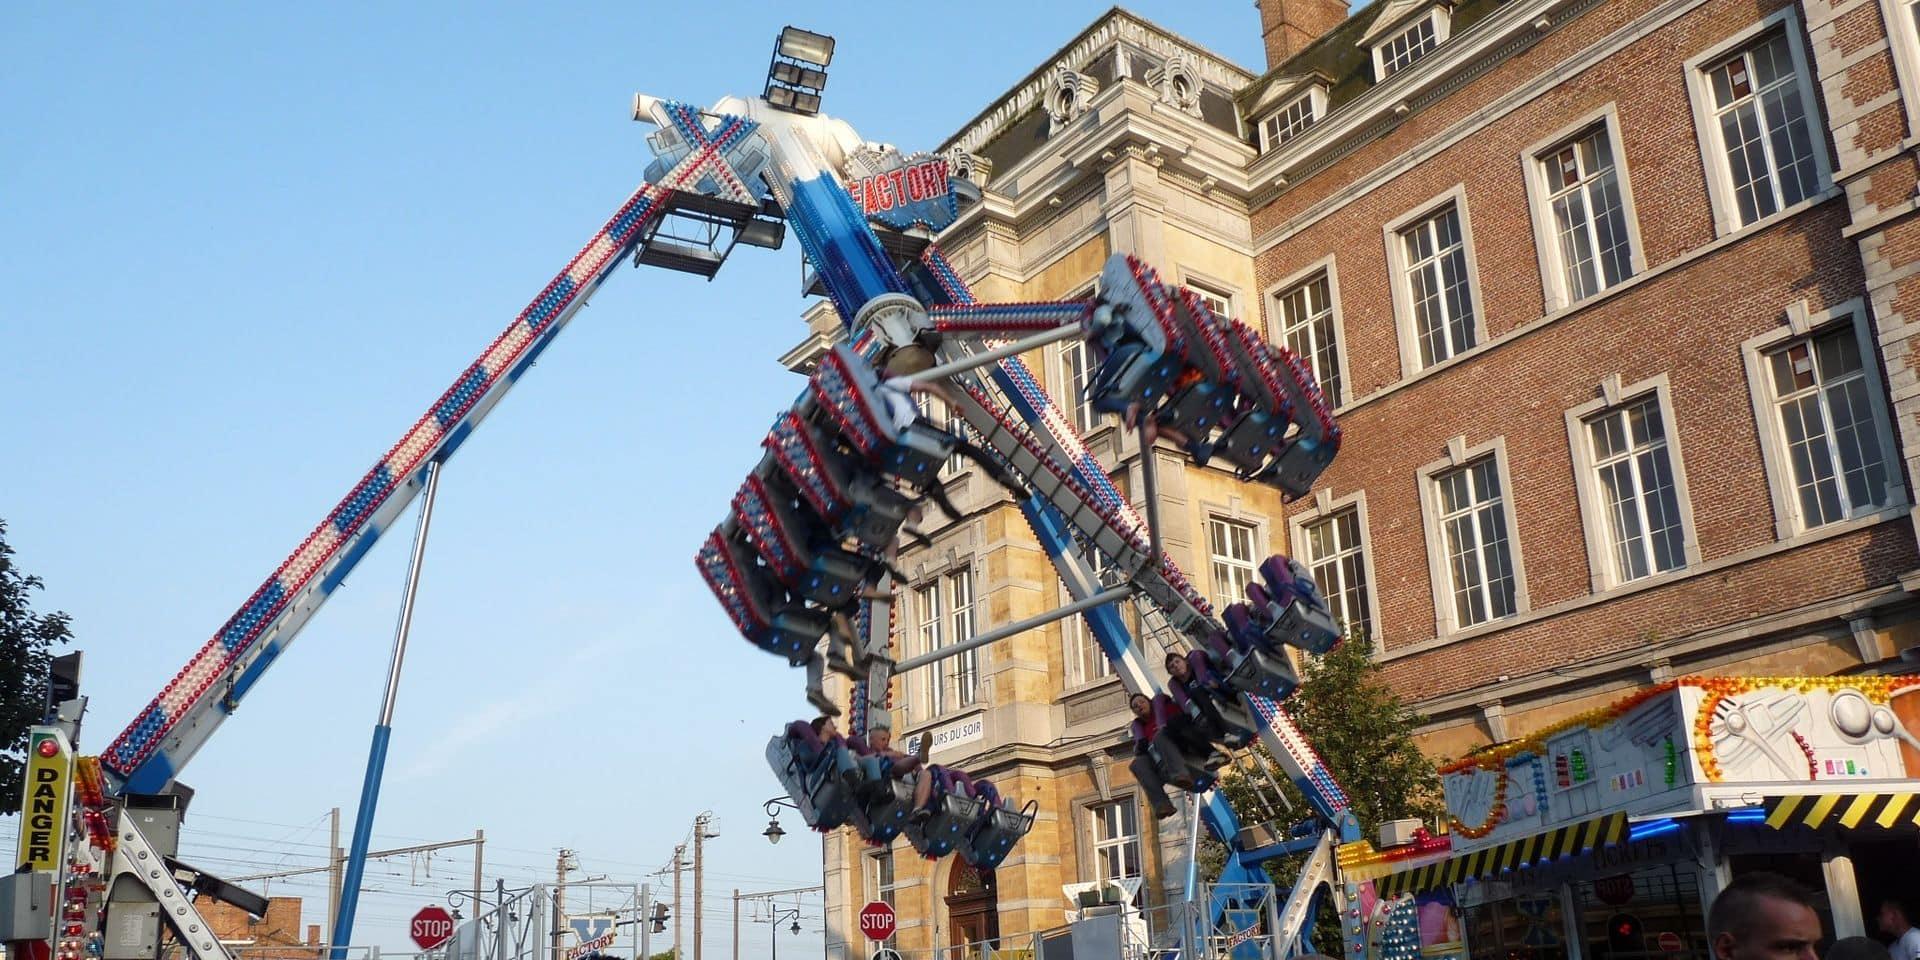 La foire de Namur aura bien lieu du 15 au 27 juillet